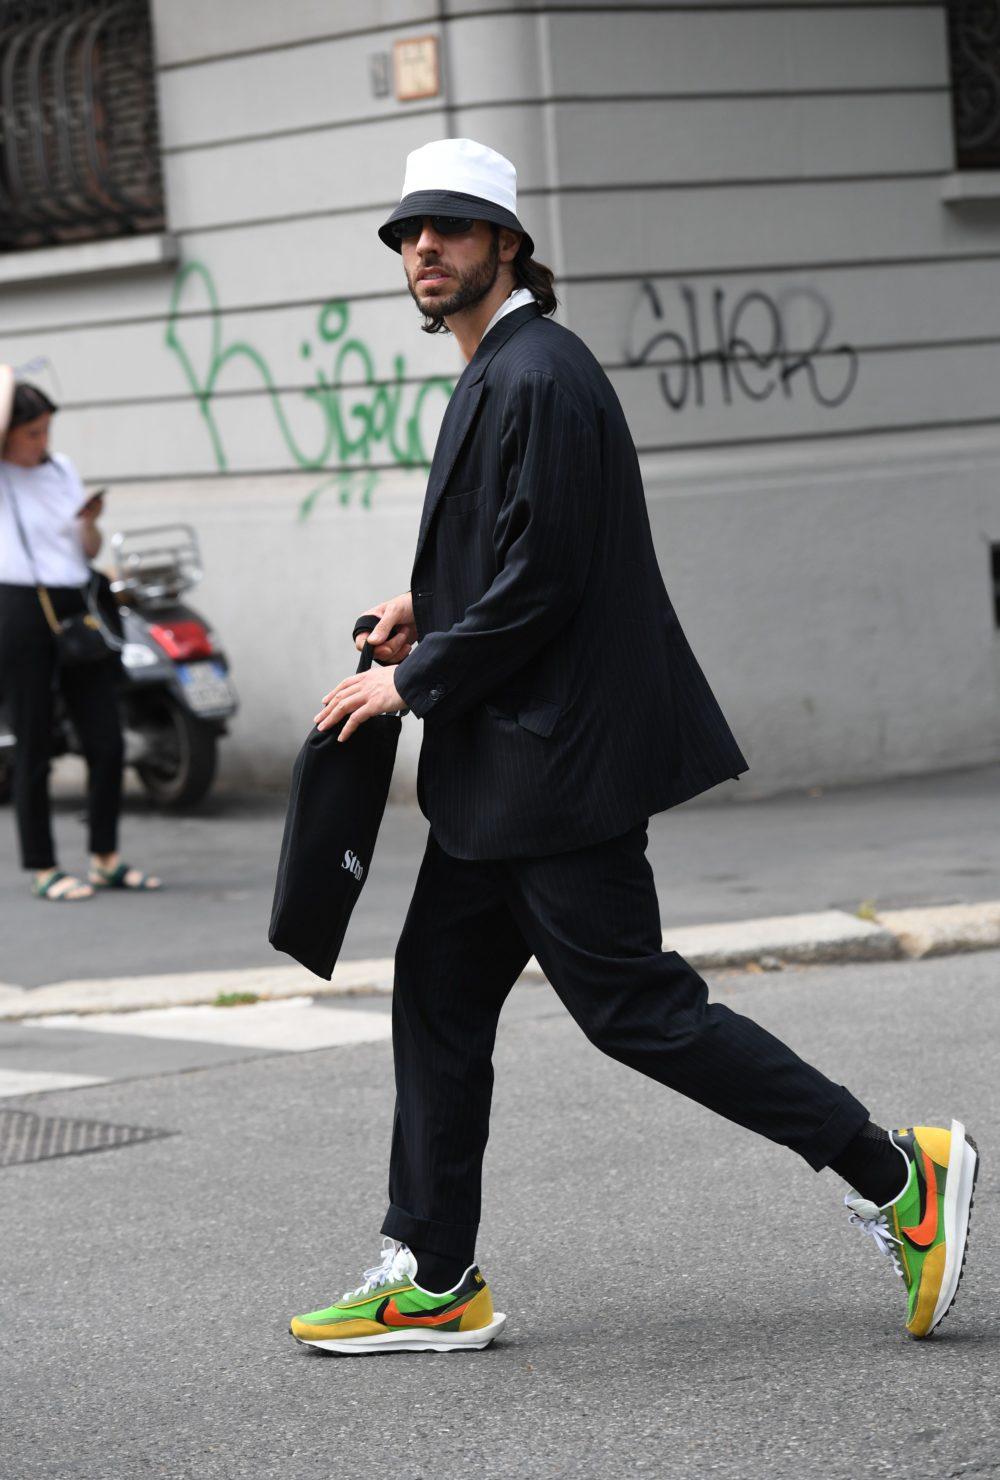 Neon Nikes jazz up a straightforward black-and-white ensemble.